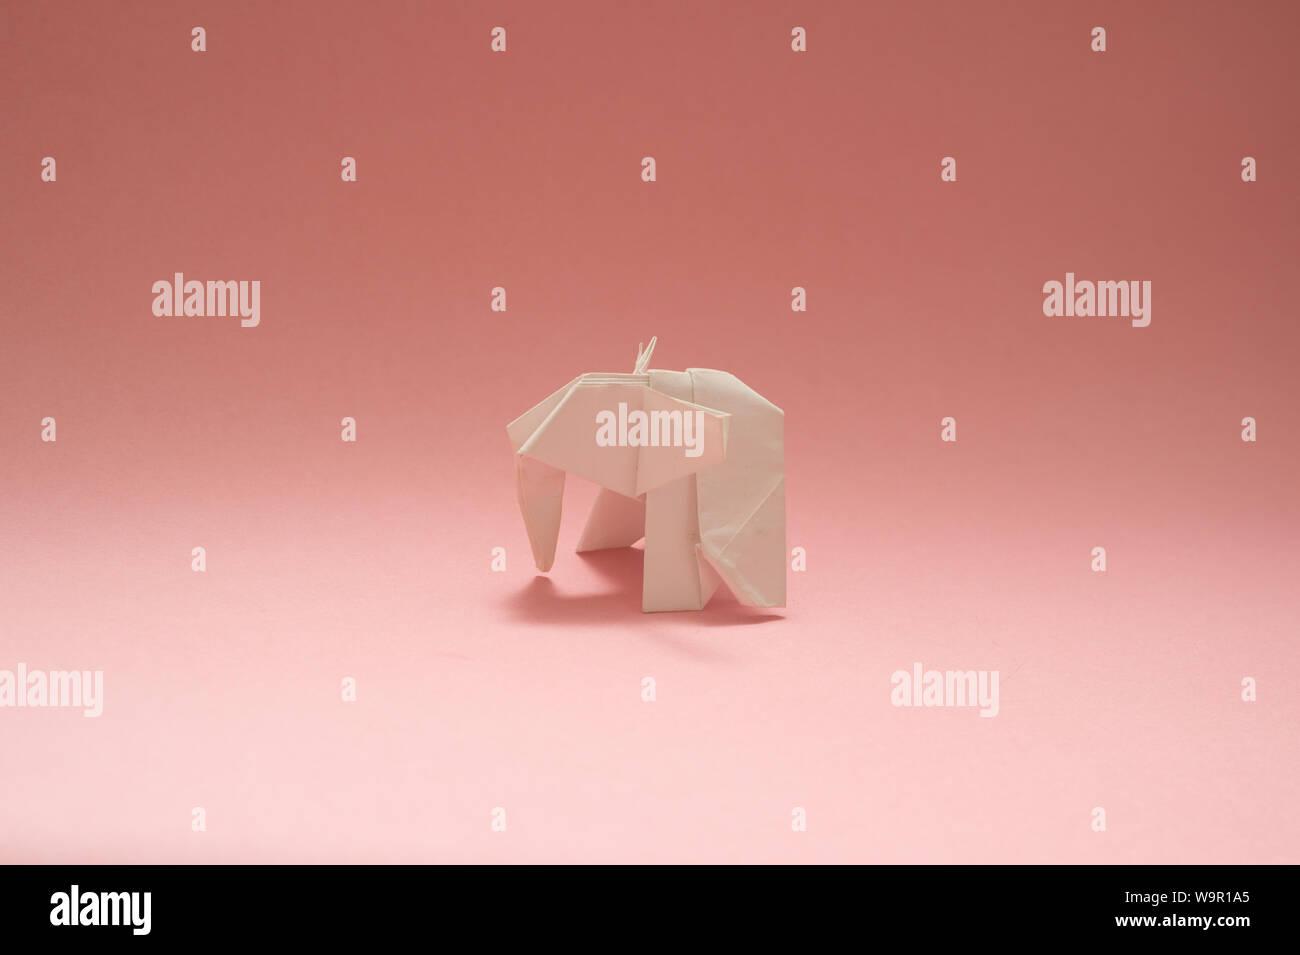 How to Make an Origami Elephant Designed by Fumiaki Kawahata | 955x1300